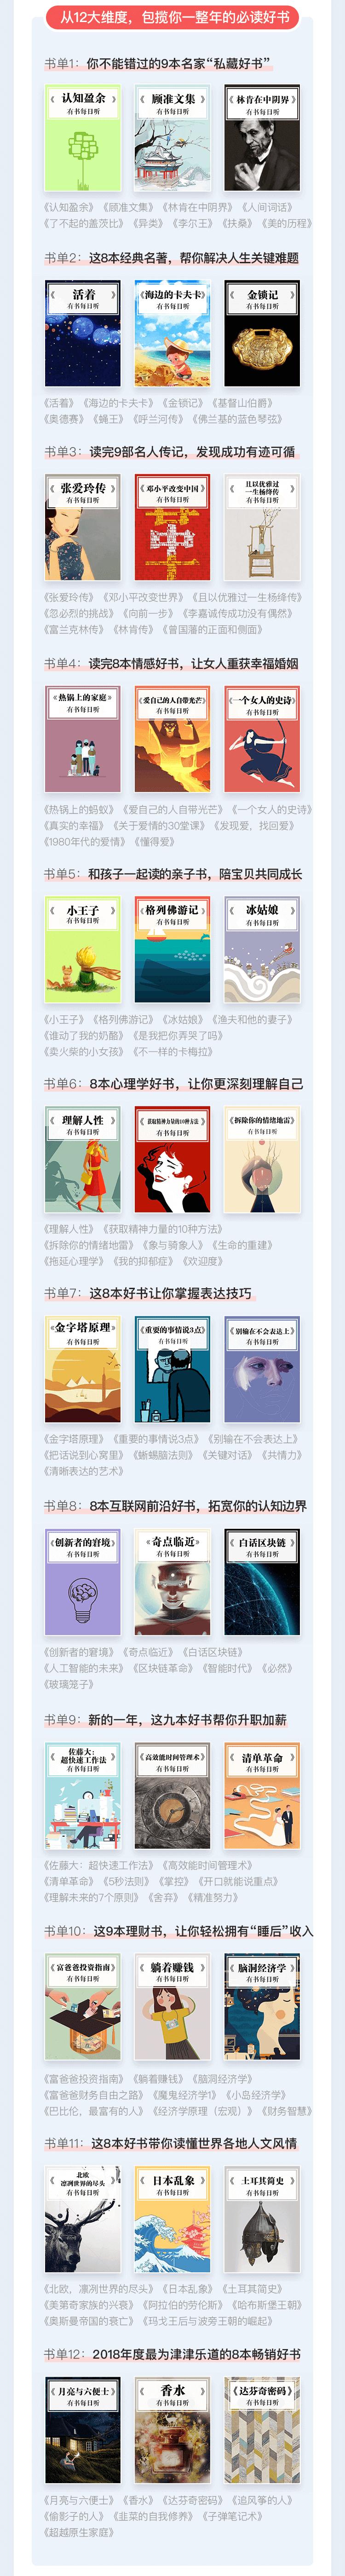 2019年必读100本好书-3-小而通_03.png